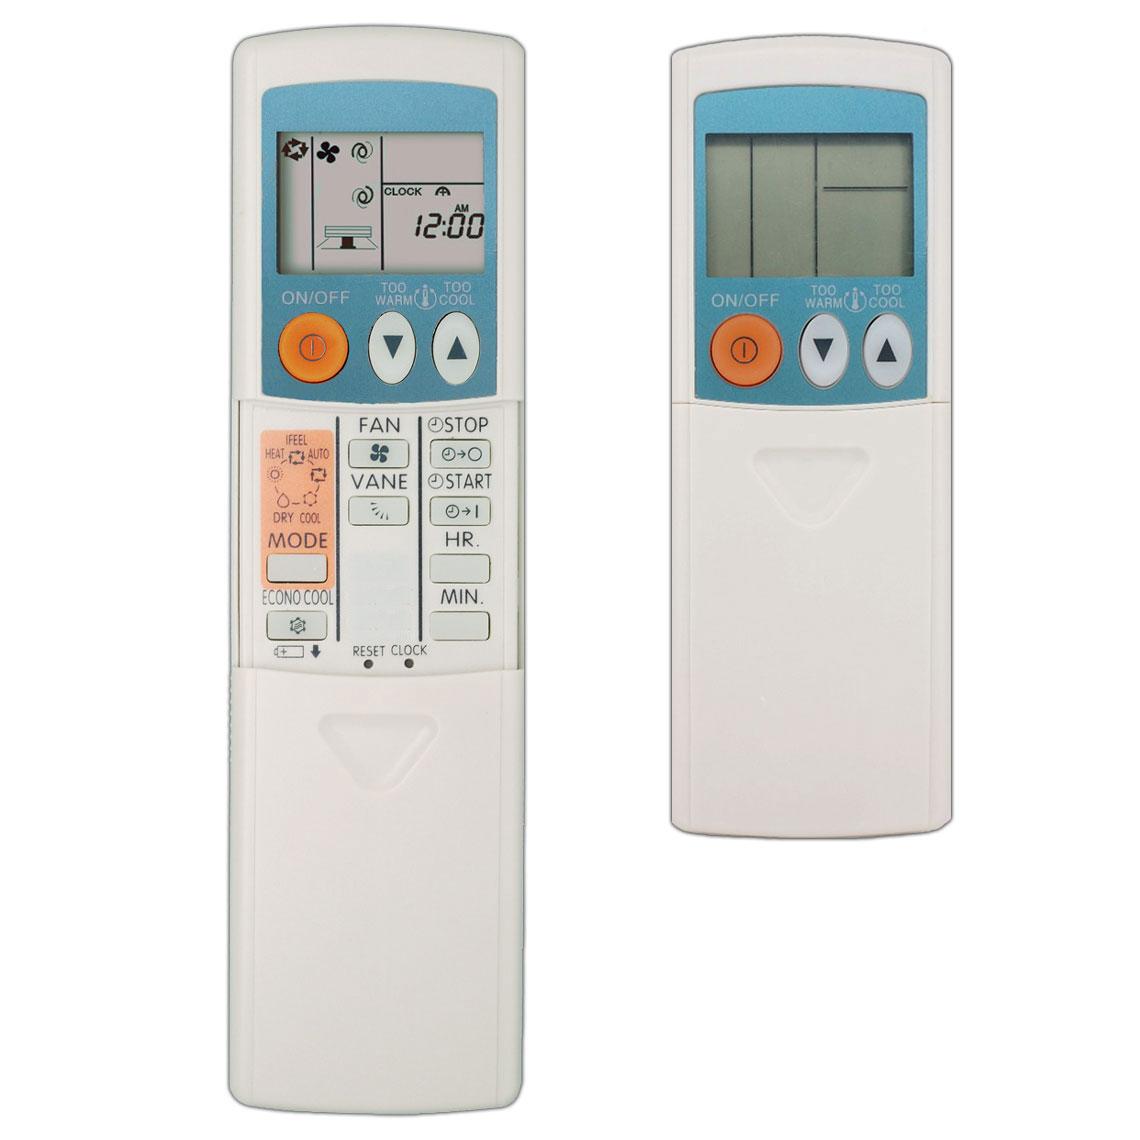 mando a distancia para aire acondicionado mitsubishi